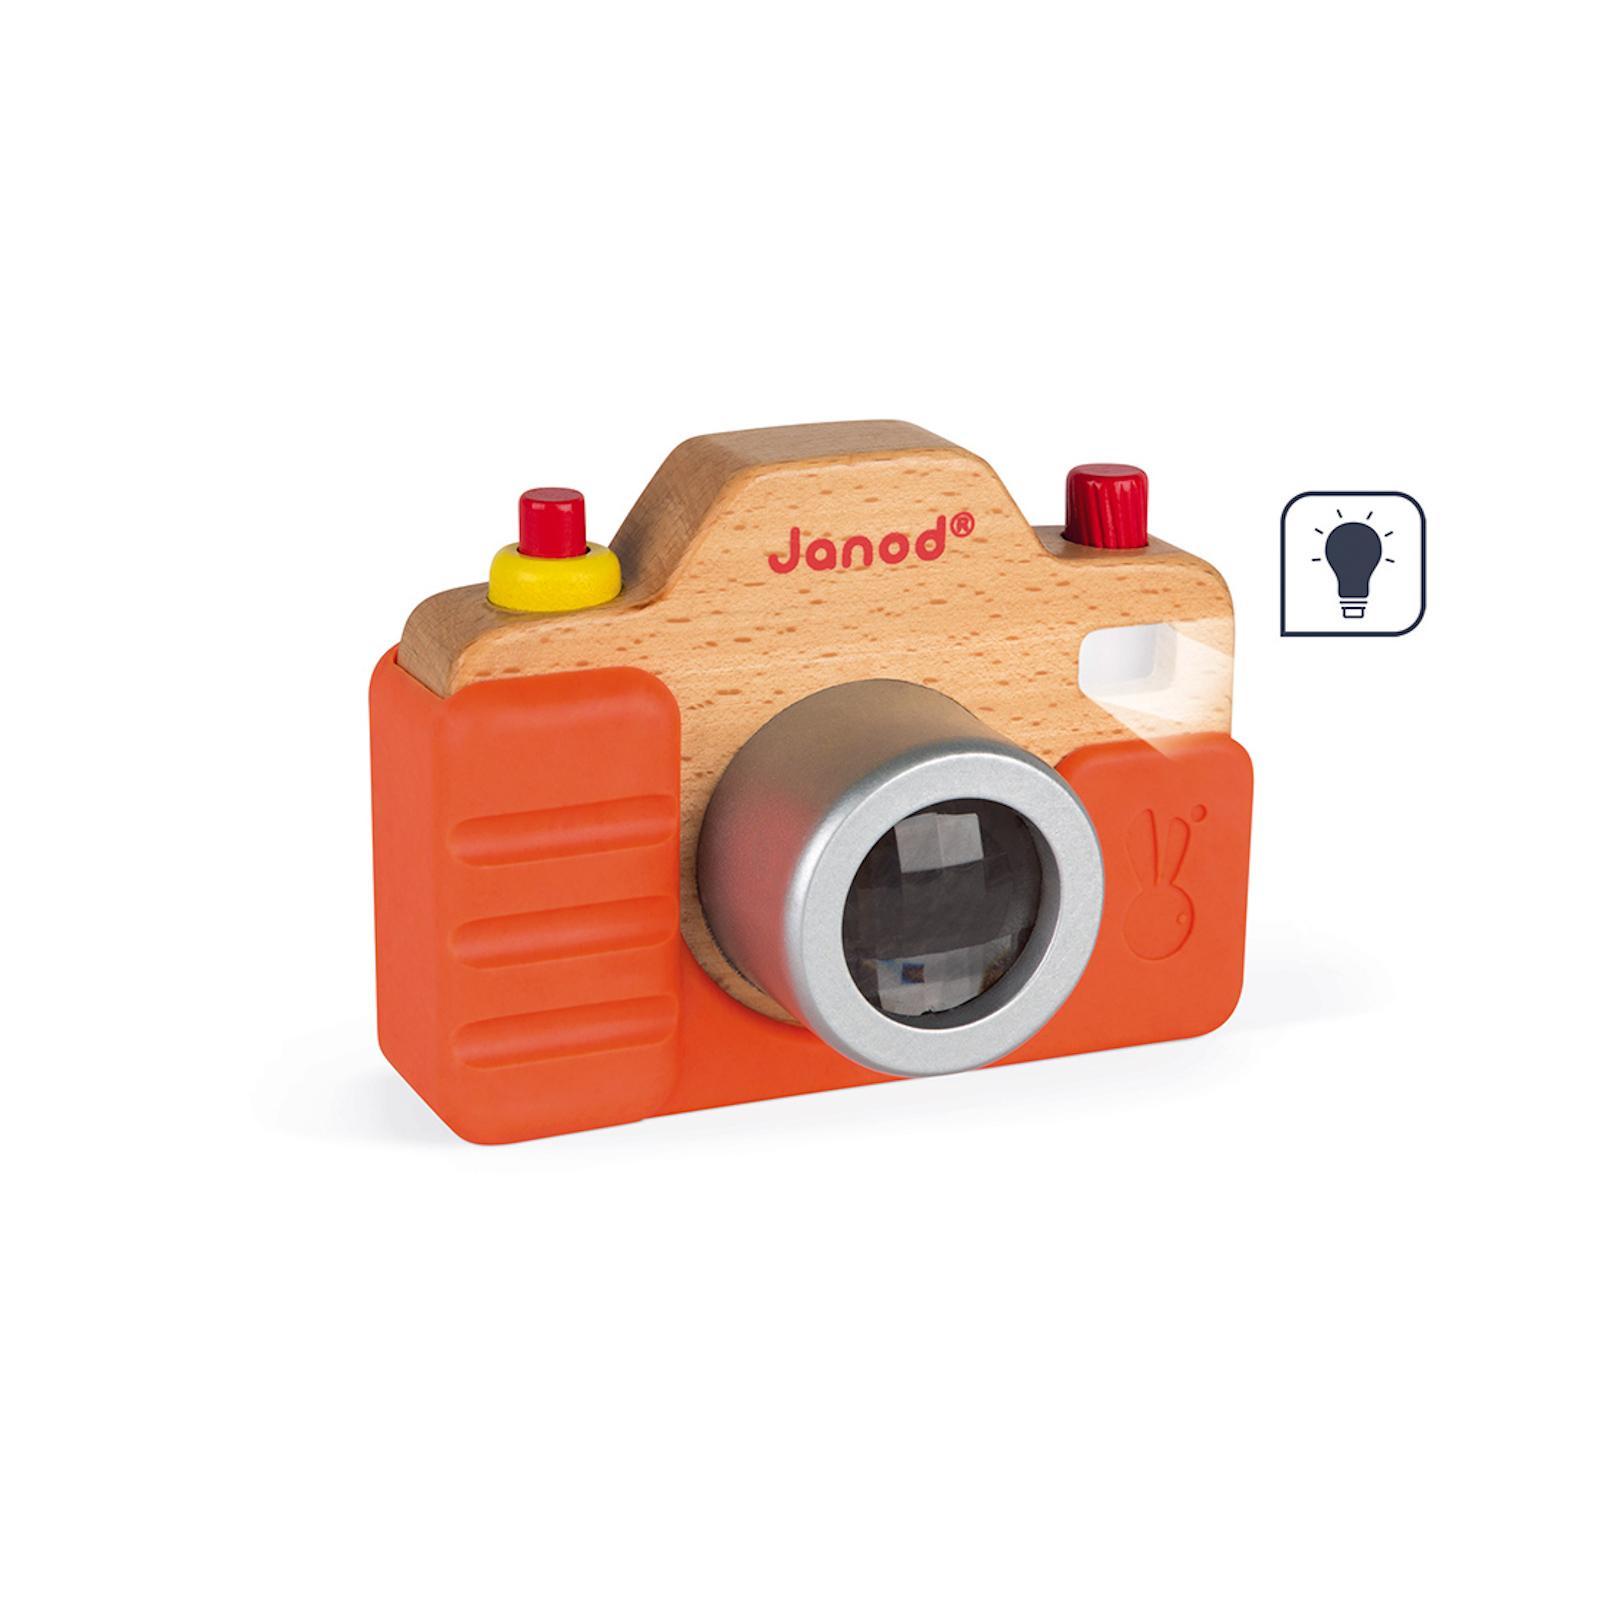 Janod Dětský dřevěný fotoaparát se zvukem a světlem od 1 roku 1 ks